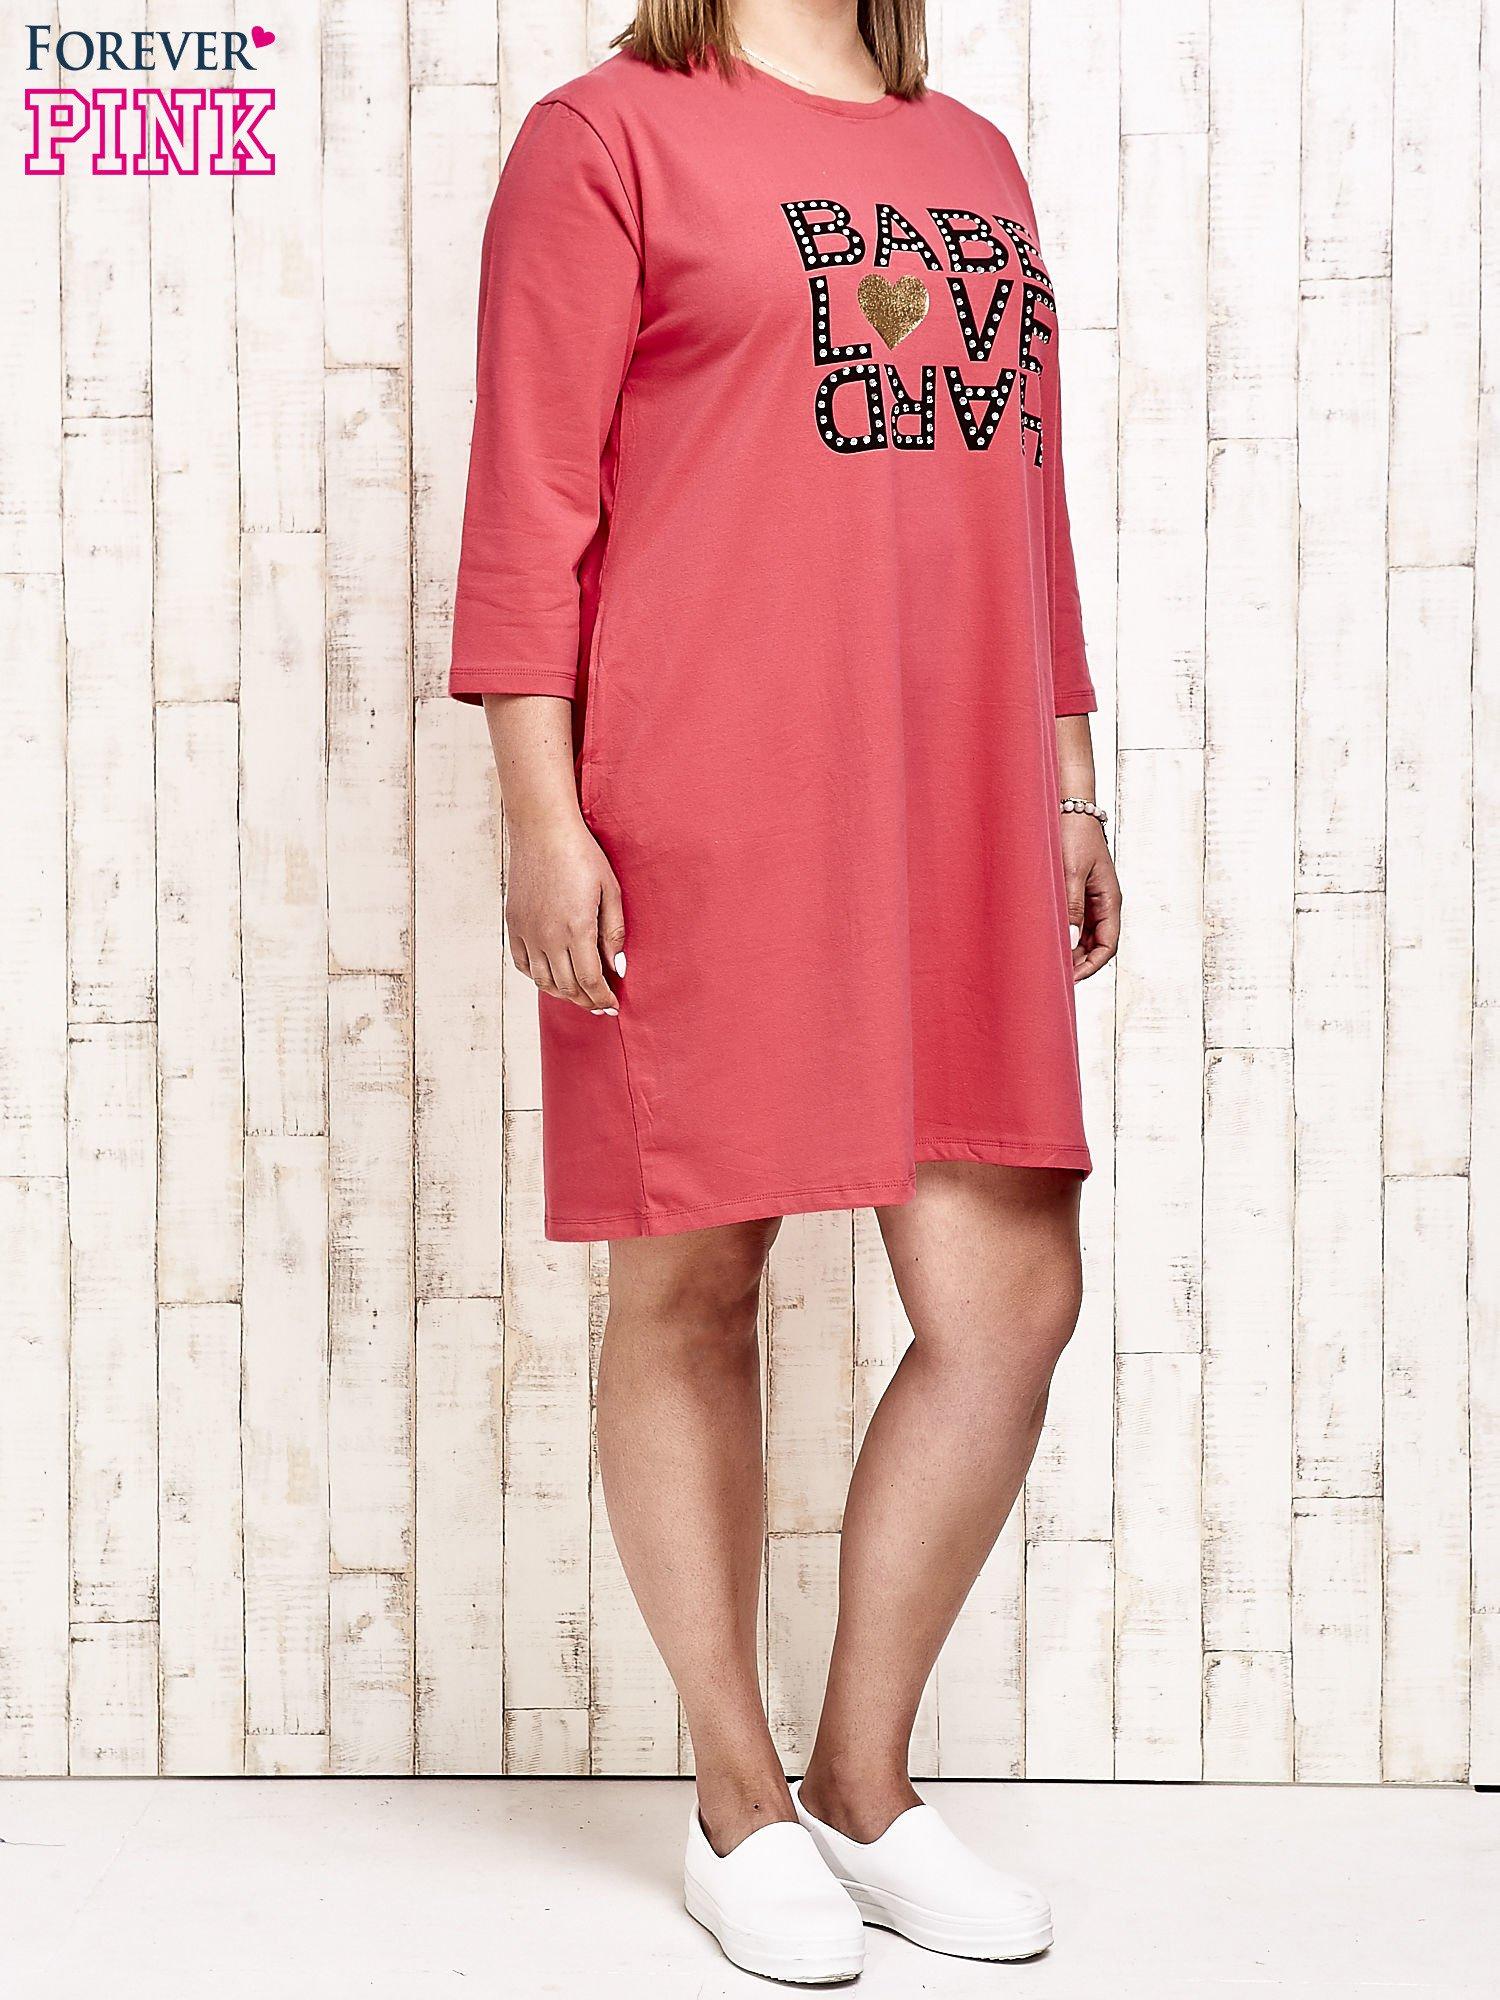 Koralowa sukienka dresowa z napisem BABE PLUS SIZE                                  zdj.                                  4